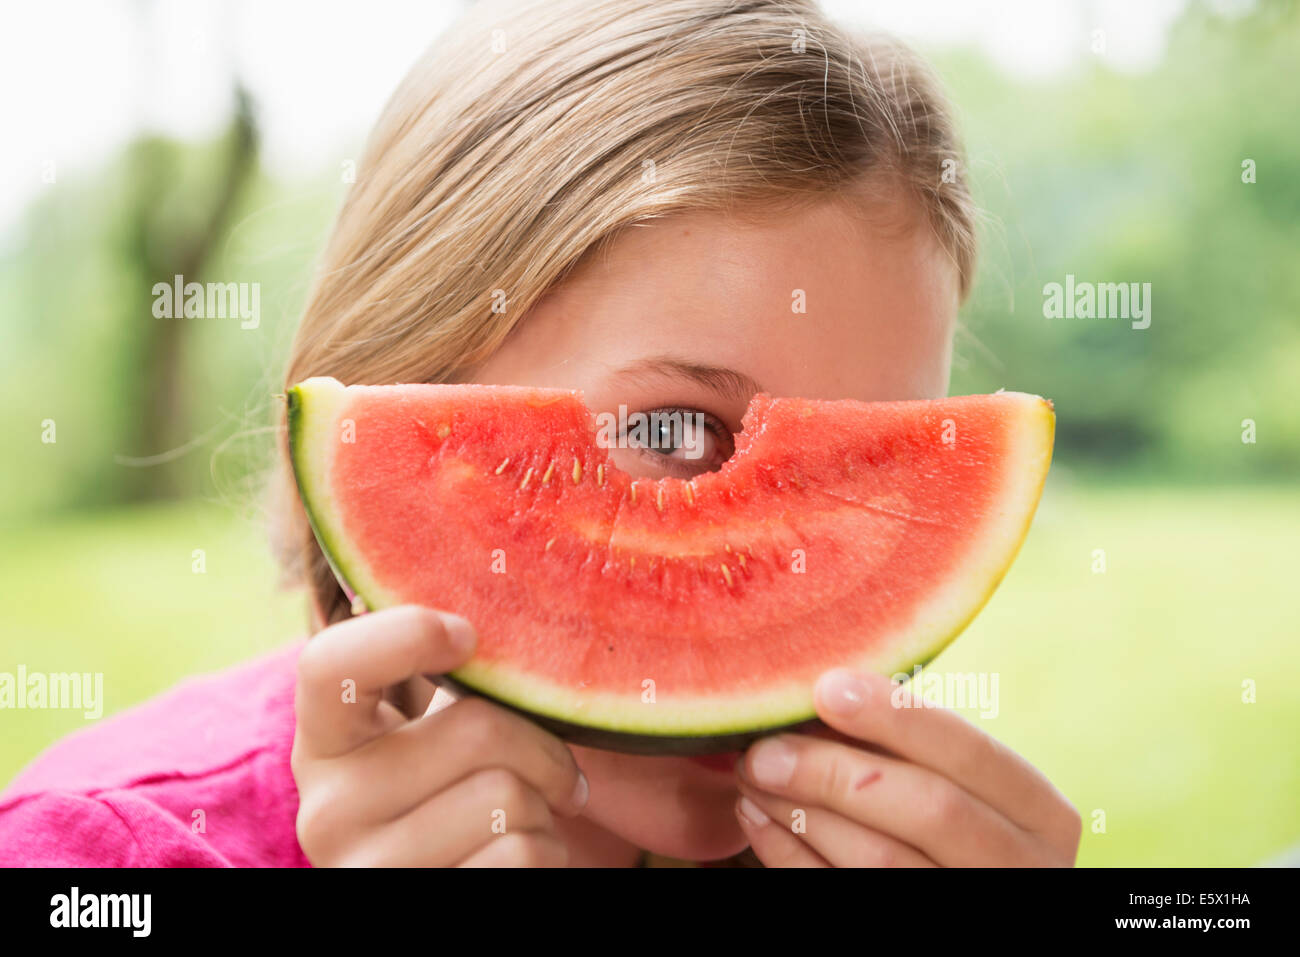 Close Up retrato de niña mirando a través rebanada de sandía Imagen De Stock